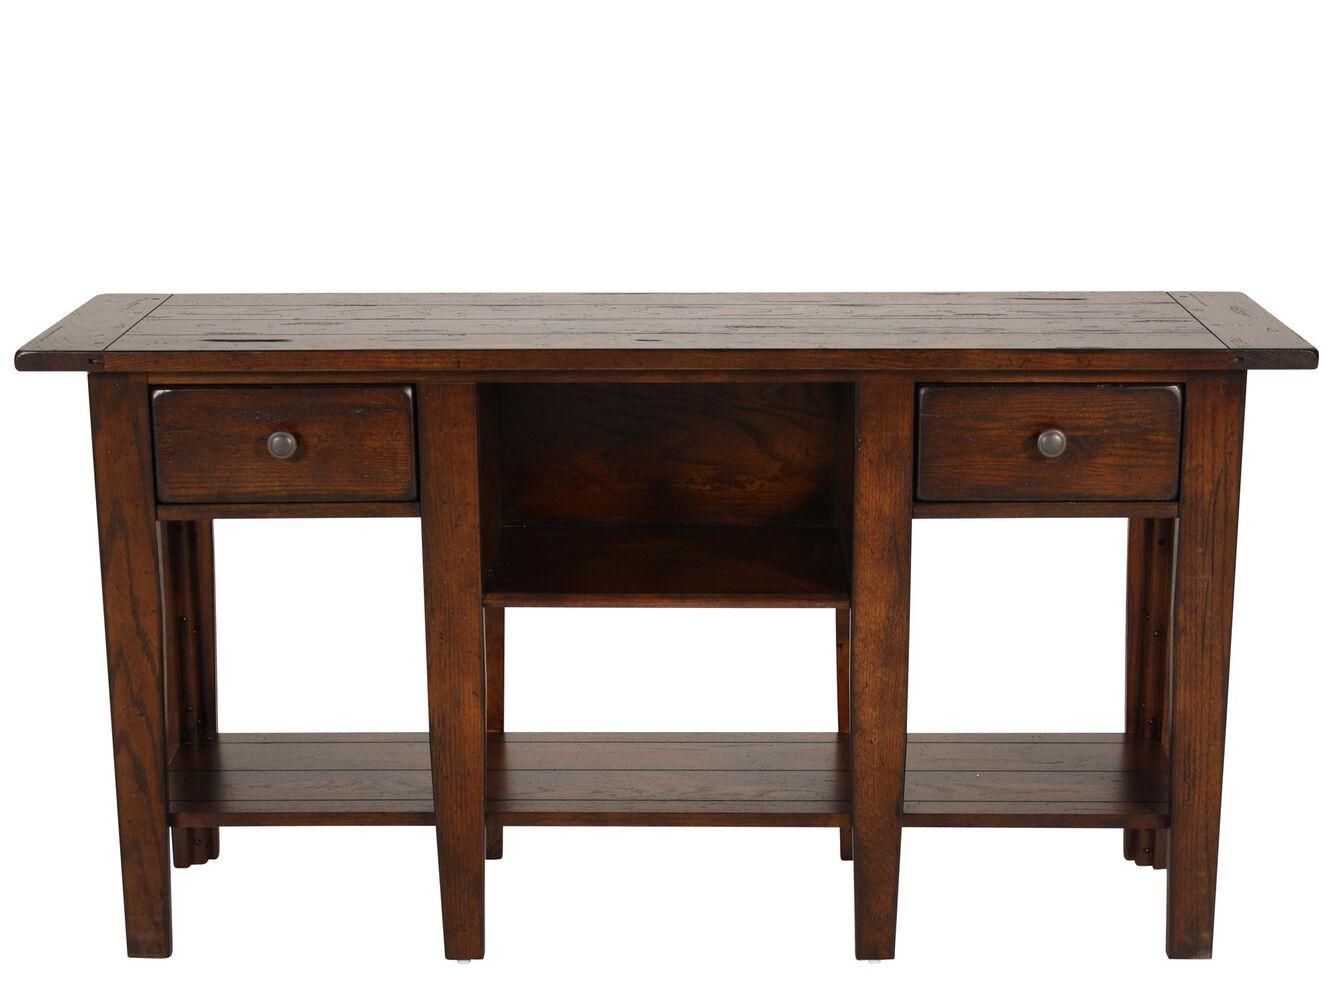 Two drawer country sofa table in dark oak mathis brothers furniture two drawer country sofa table in dark oak watchthetrailerfo